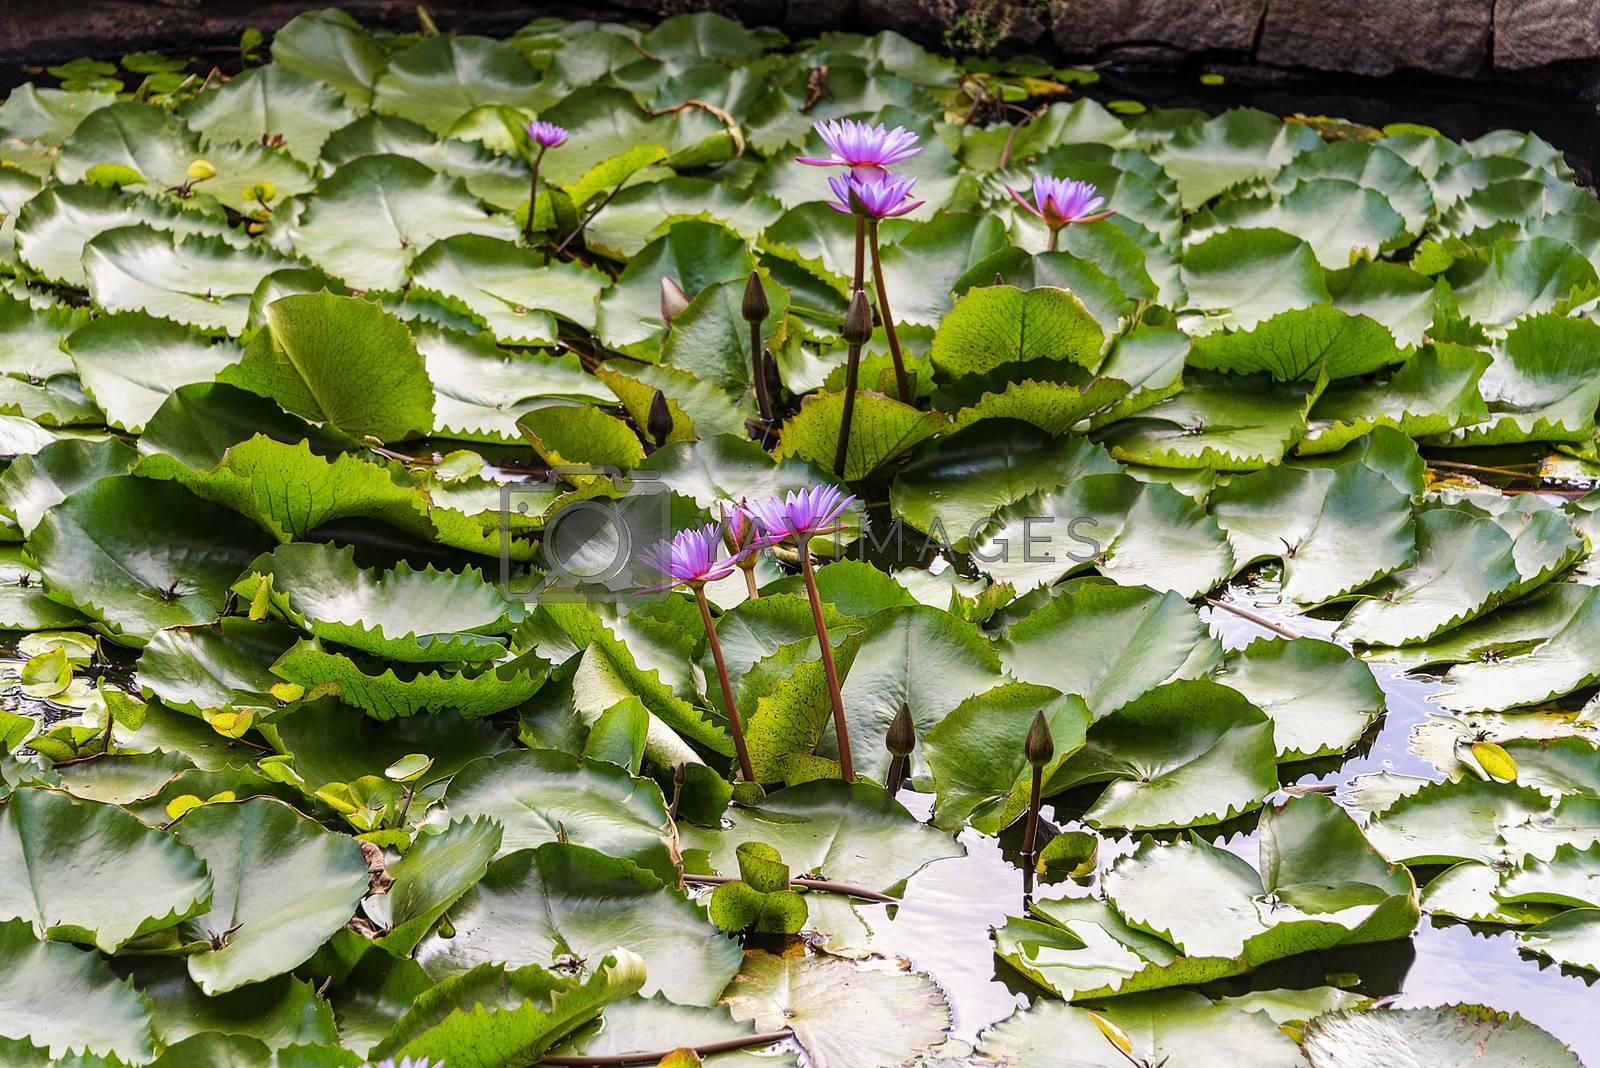 Dambulla, Sr Lanka, Aug 2015: Lotus flowers blooming in a pool